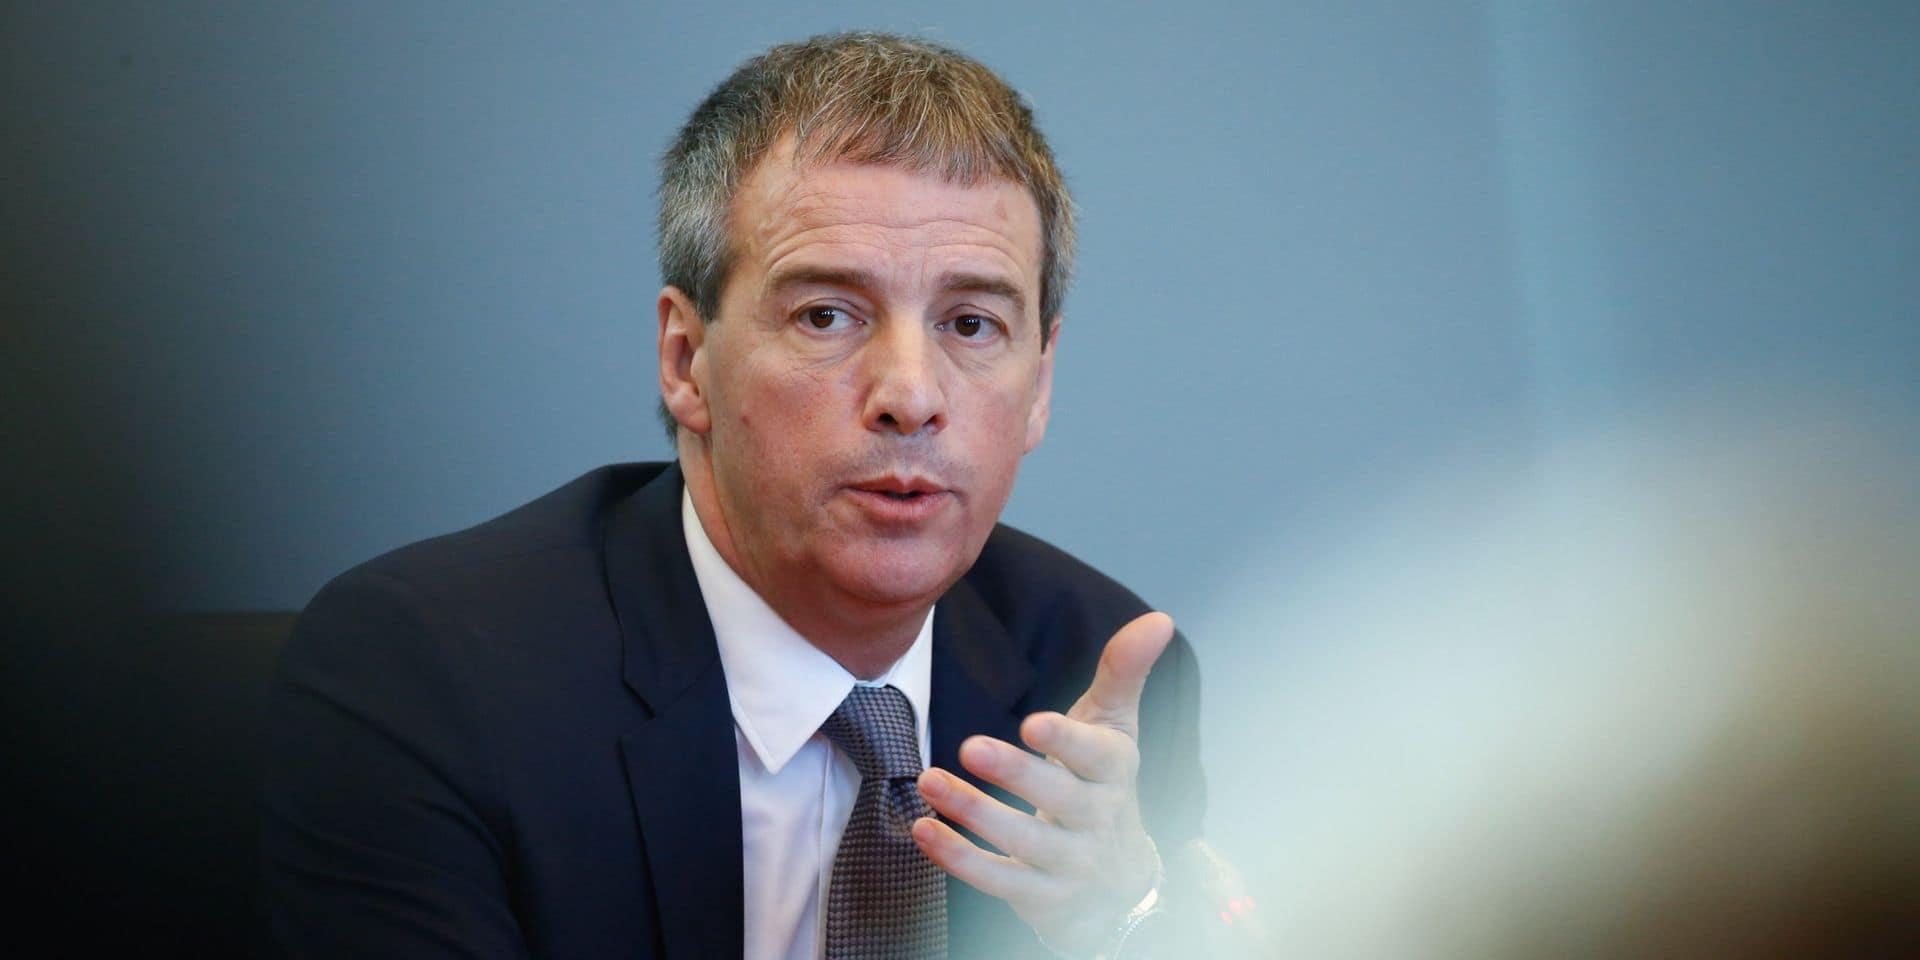 """Stéphane Moreau libéré: """"C'est un soulagement ! Cette prolongation de détention relevait de l'humiliation publique !"""""""